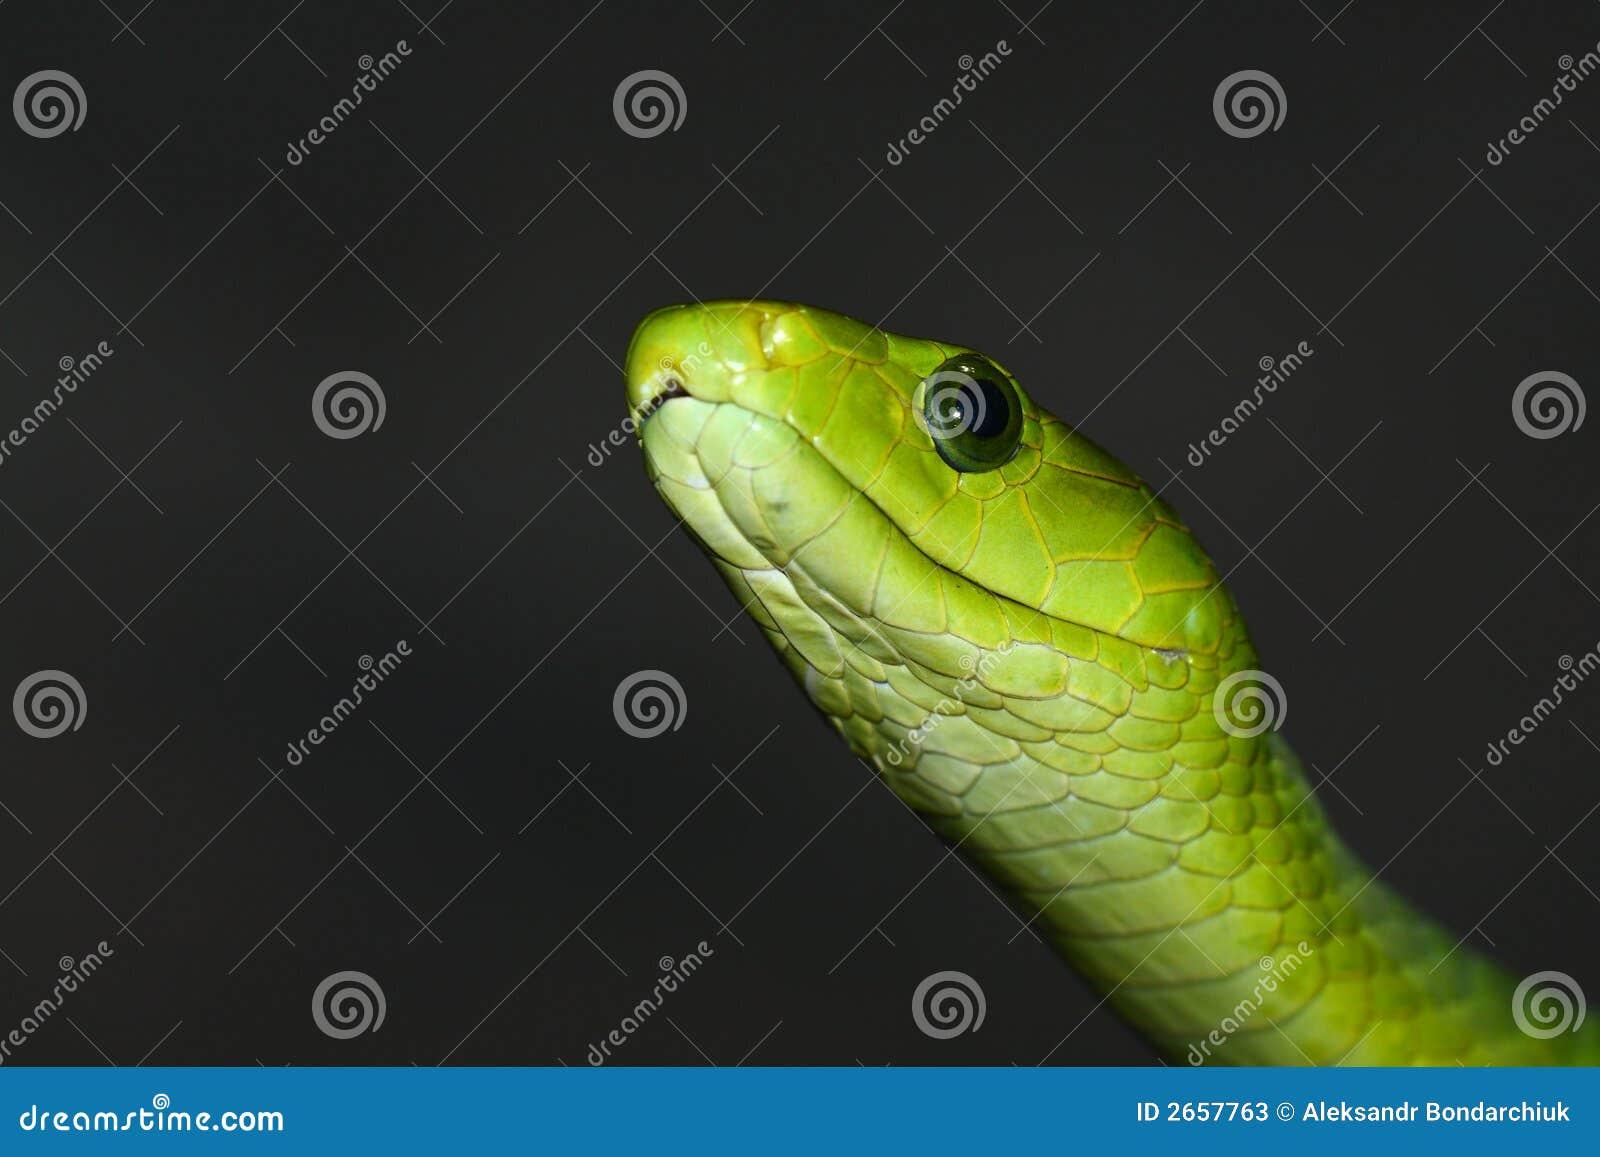 Grön mamba